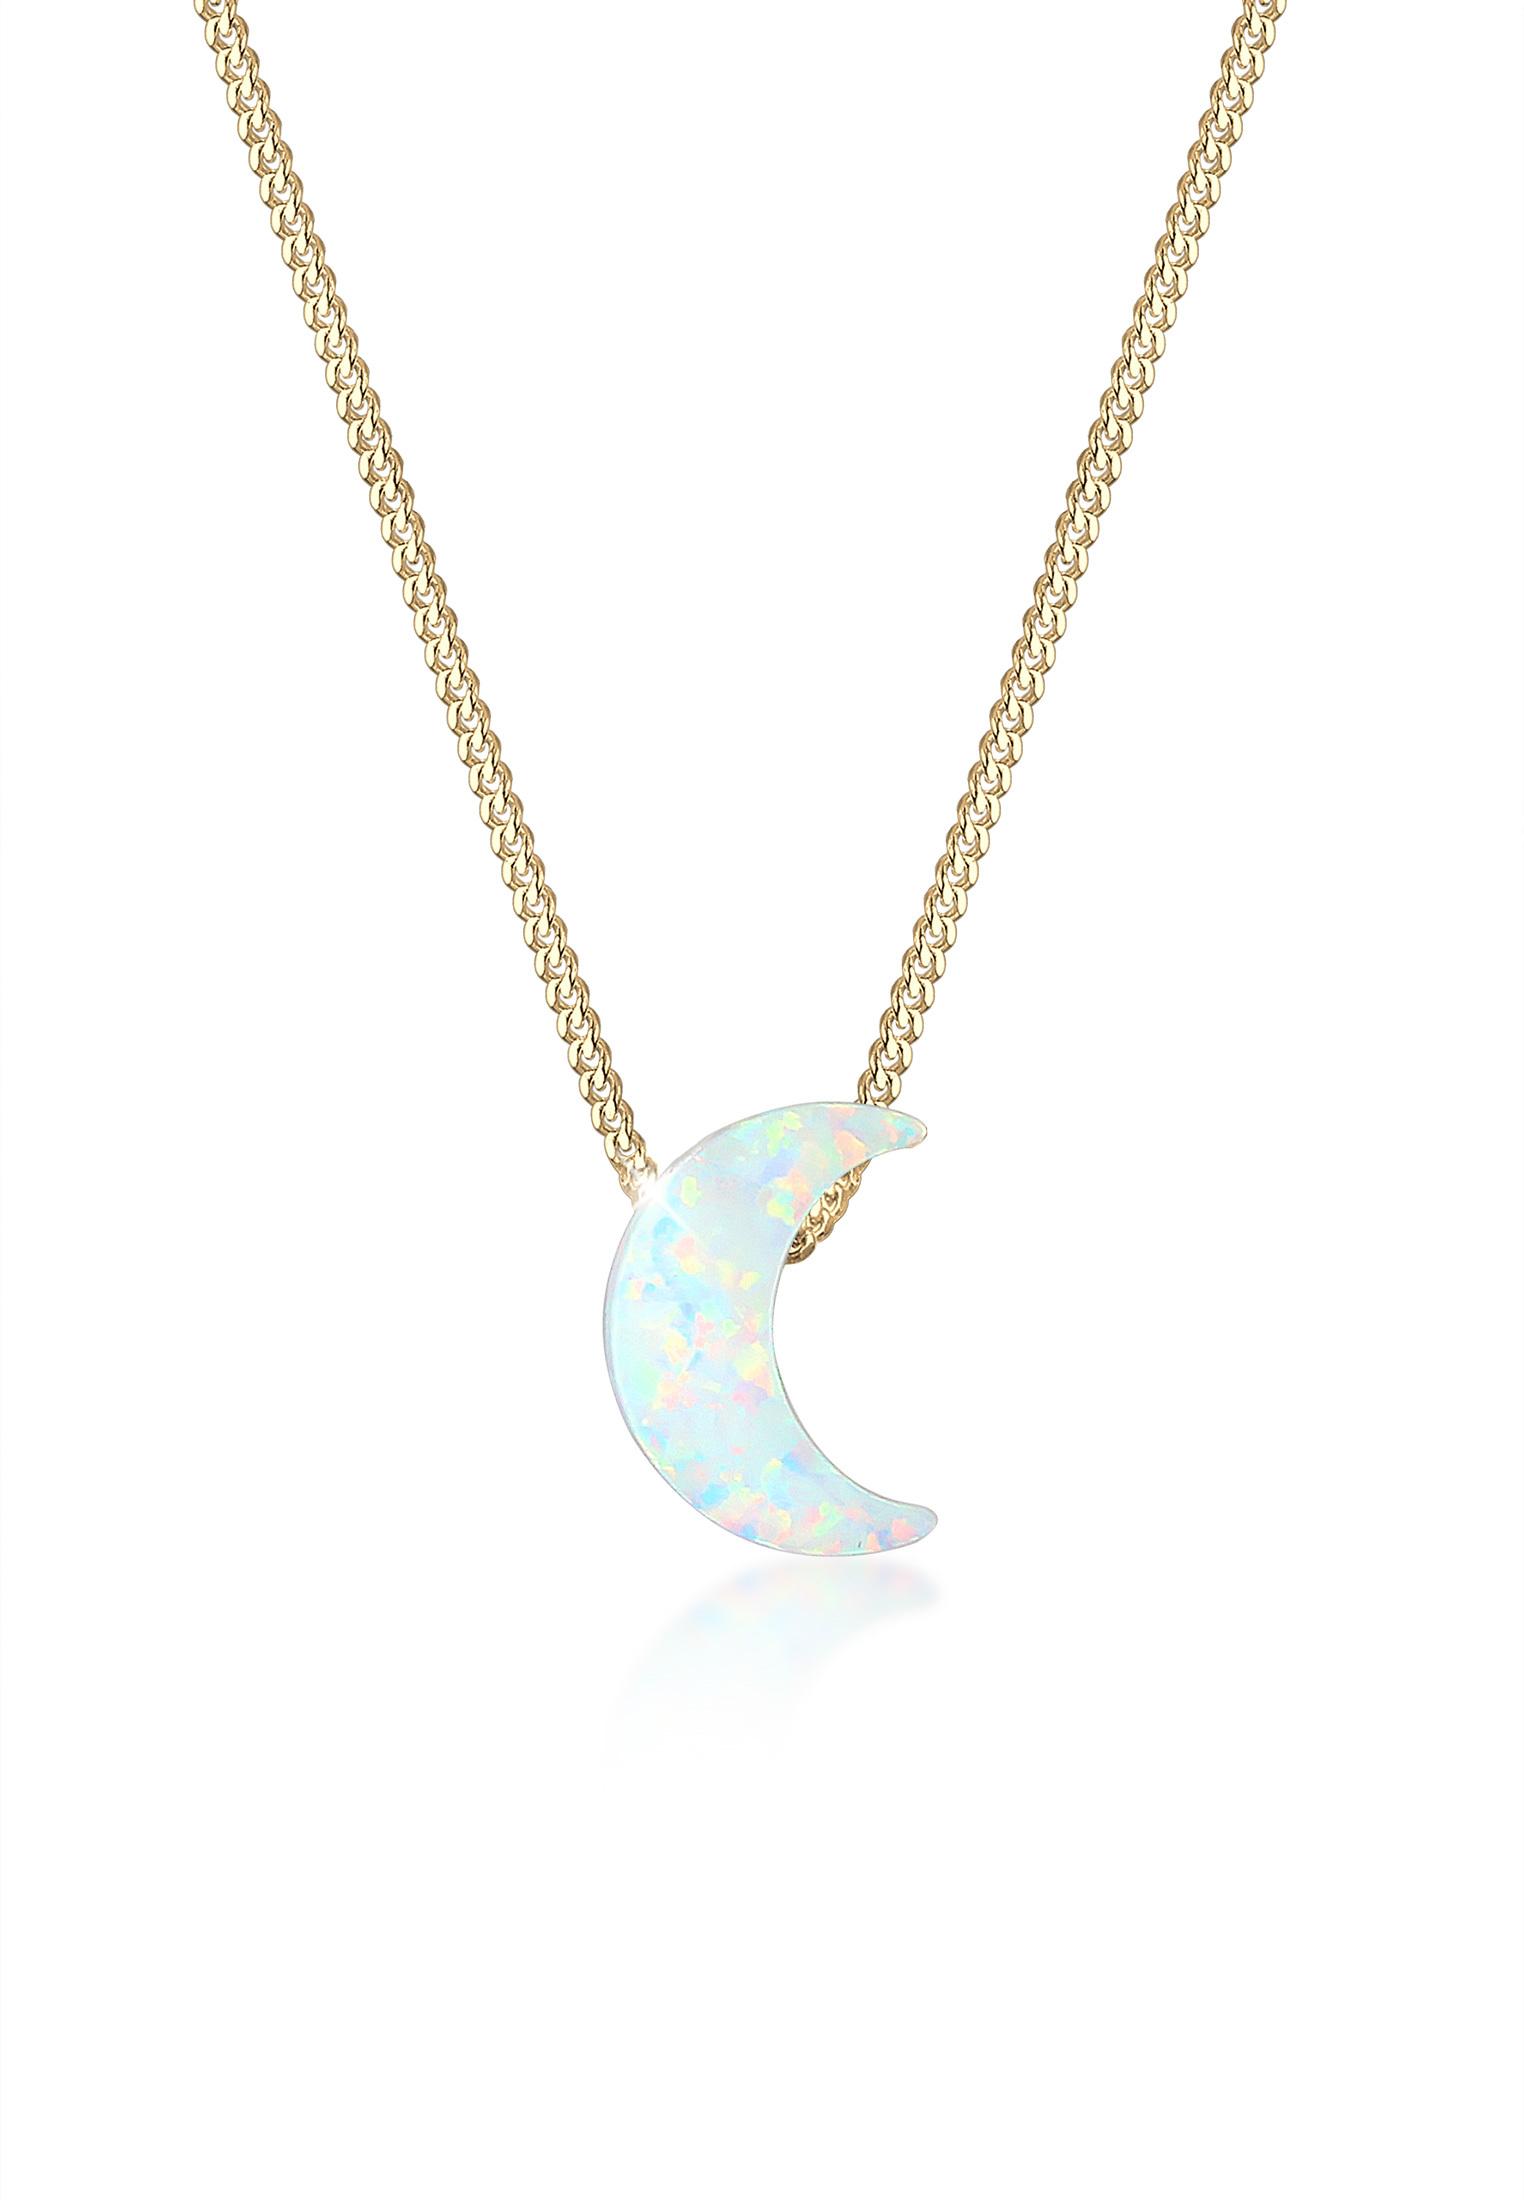 Halskette Halbmond | Opal ( Weiß ) | 925 Sterling Silber vergoldet